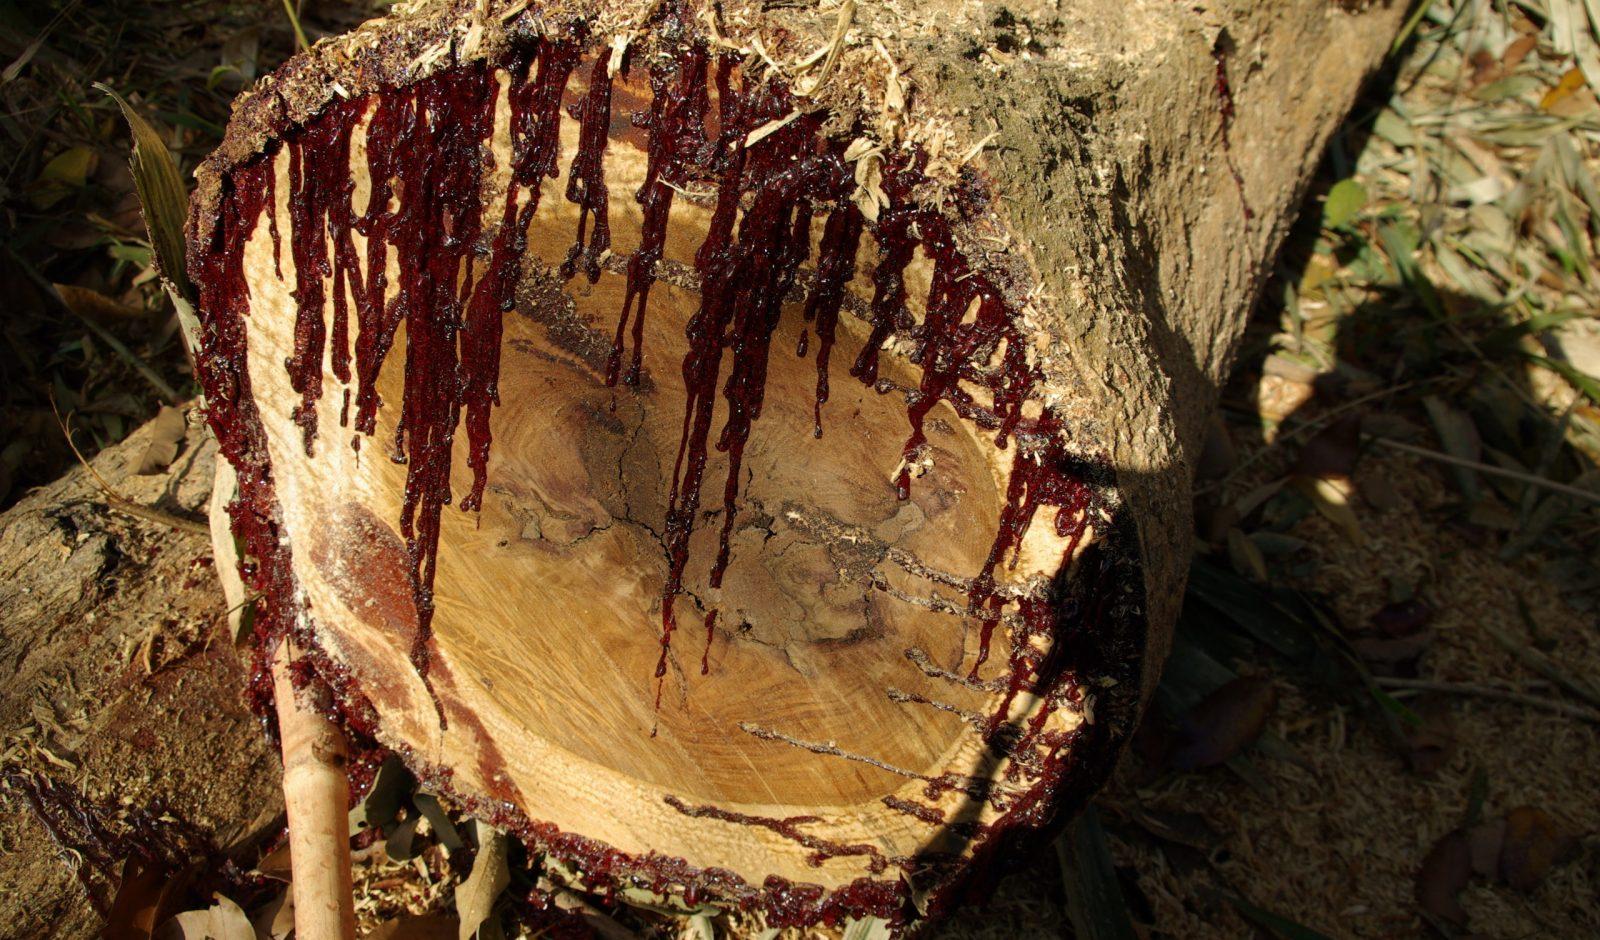 looks like real blood